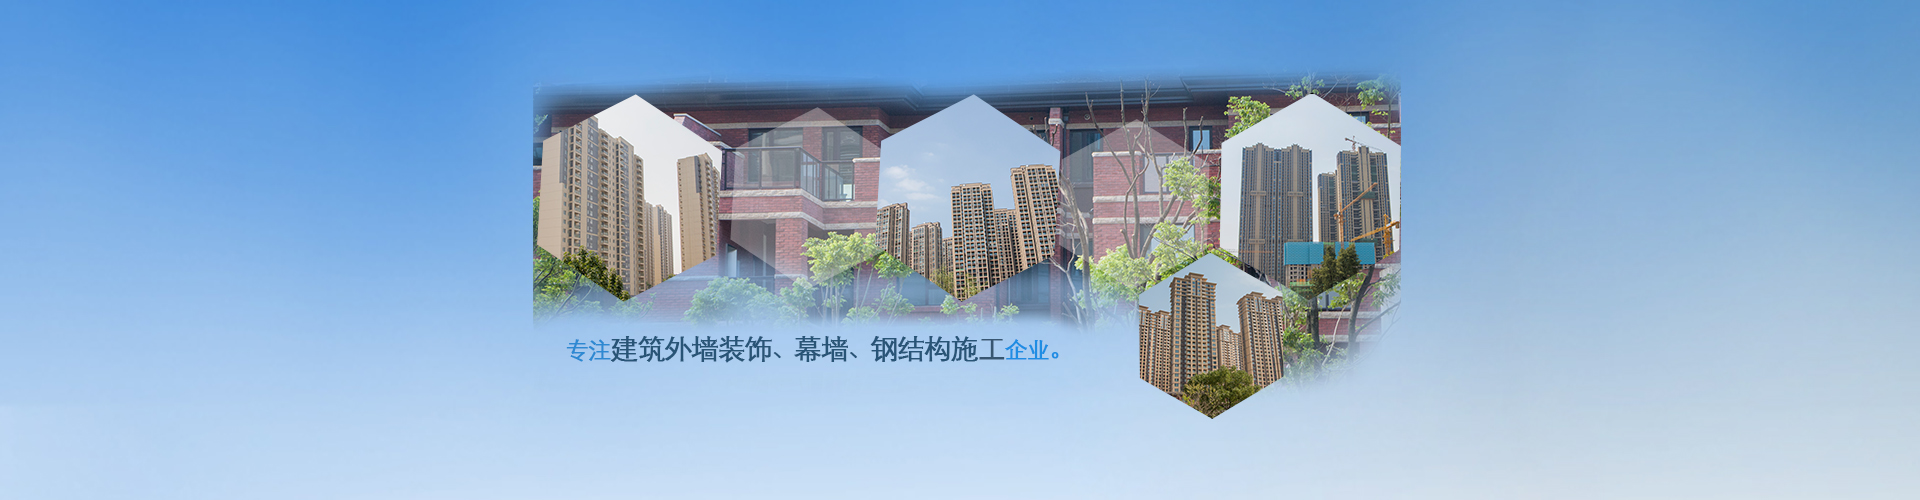 武汉建筑外墙装饰